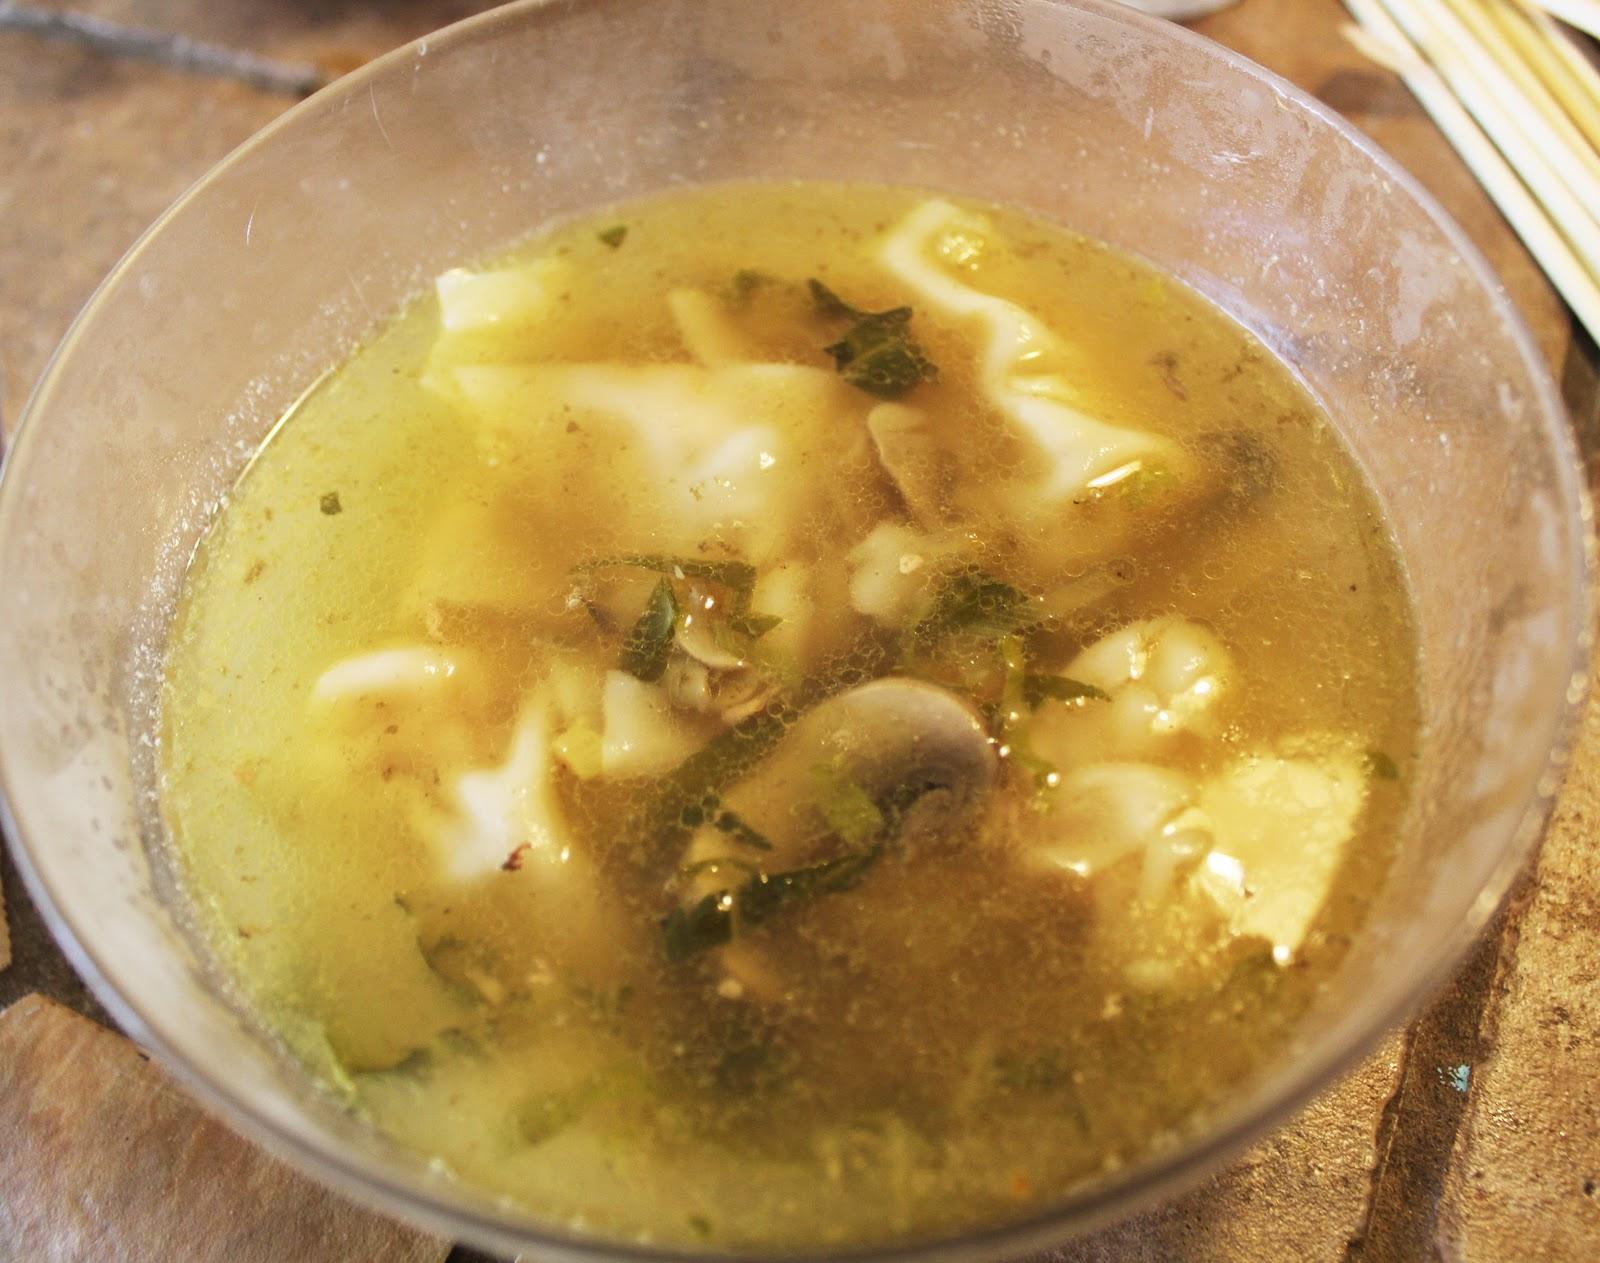 Co.: Home Made Wonton Soup (And Dimsum)